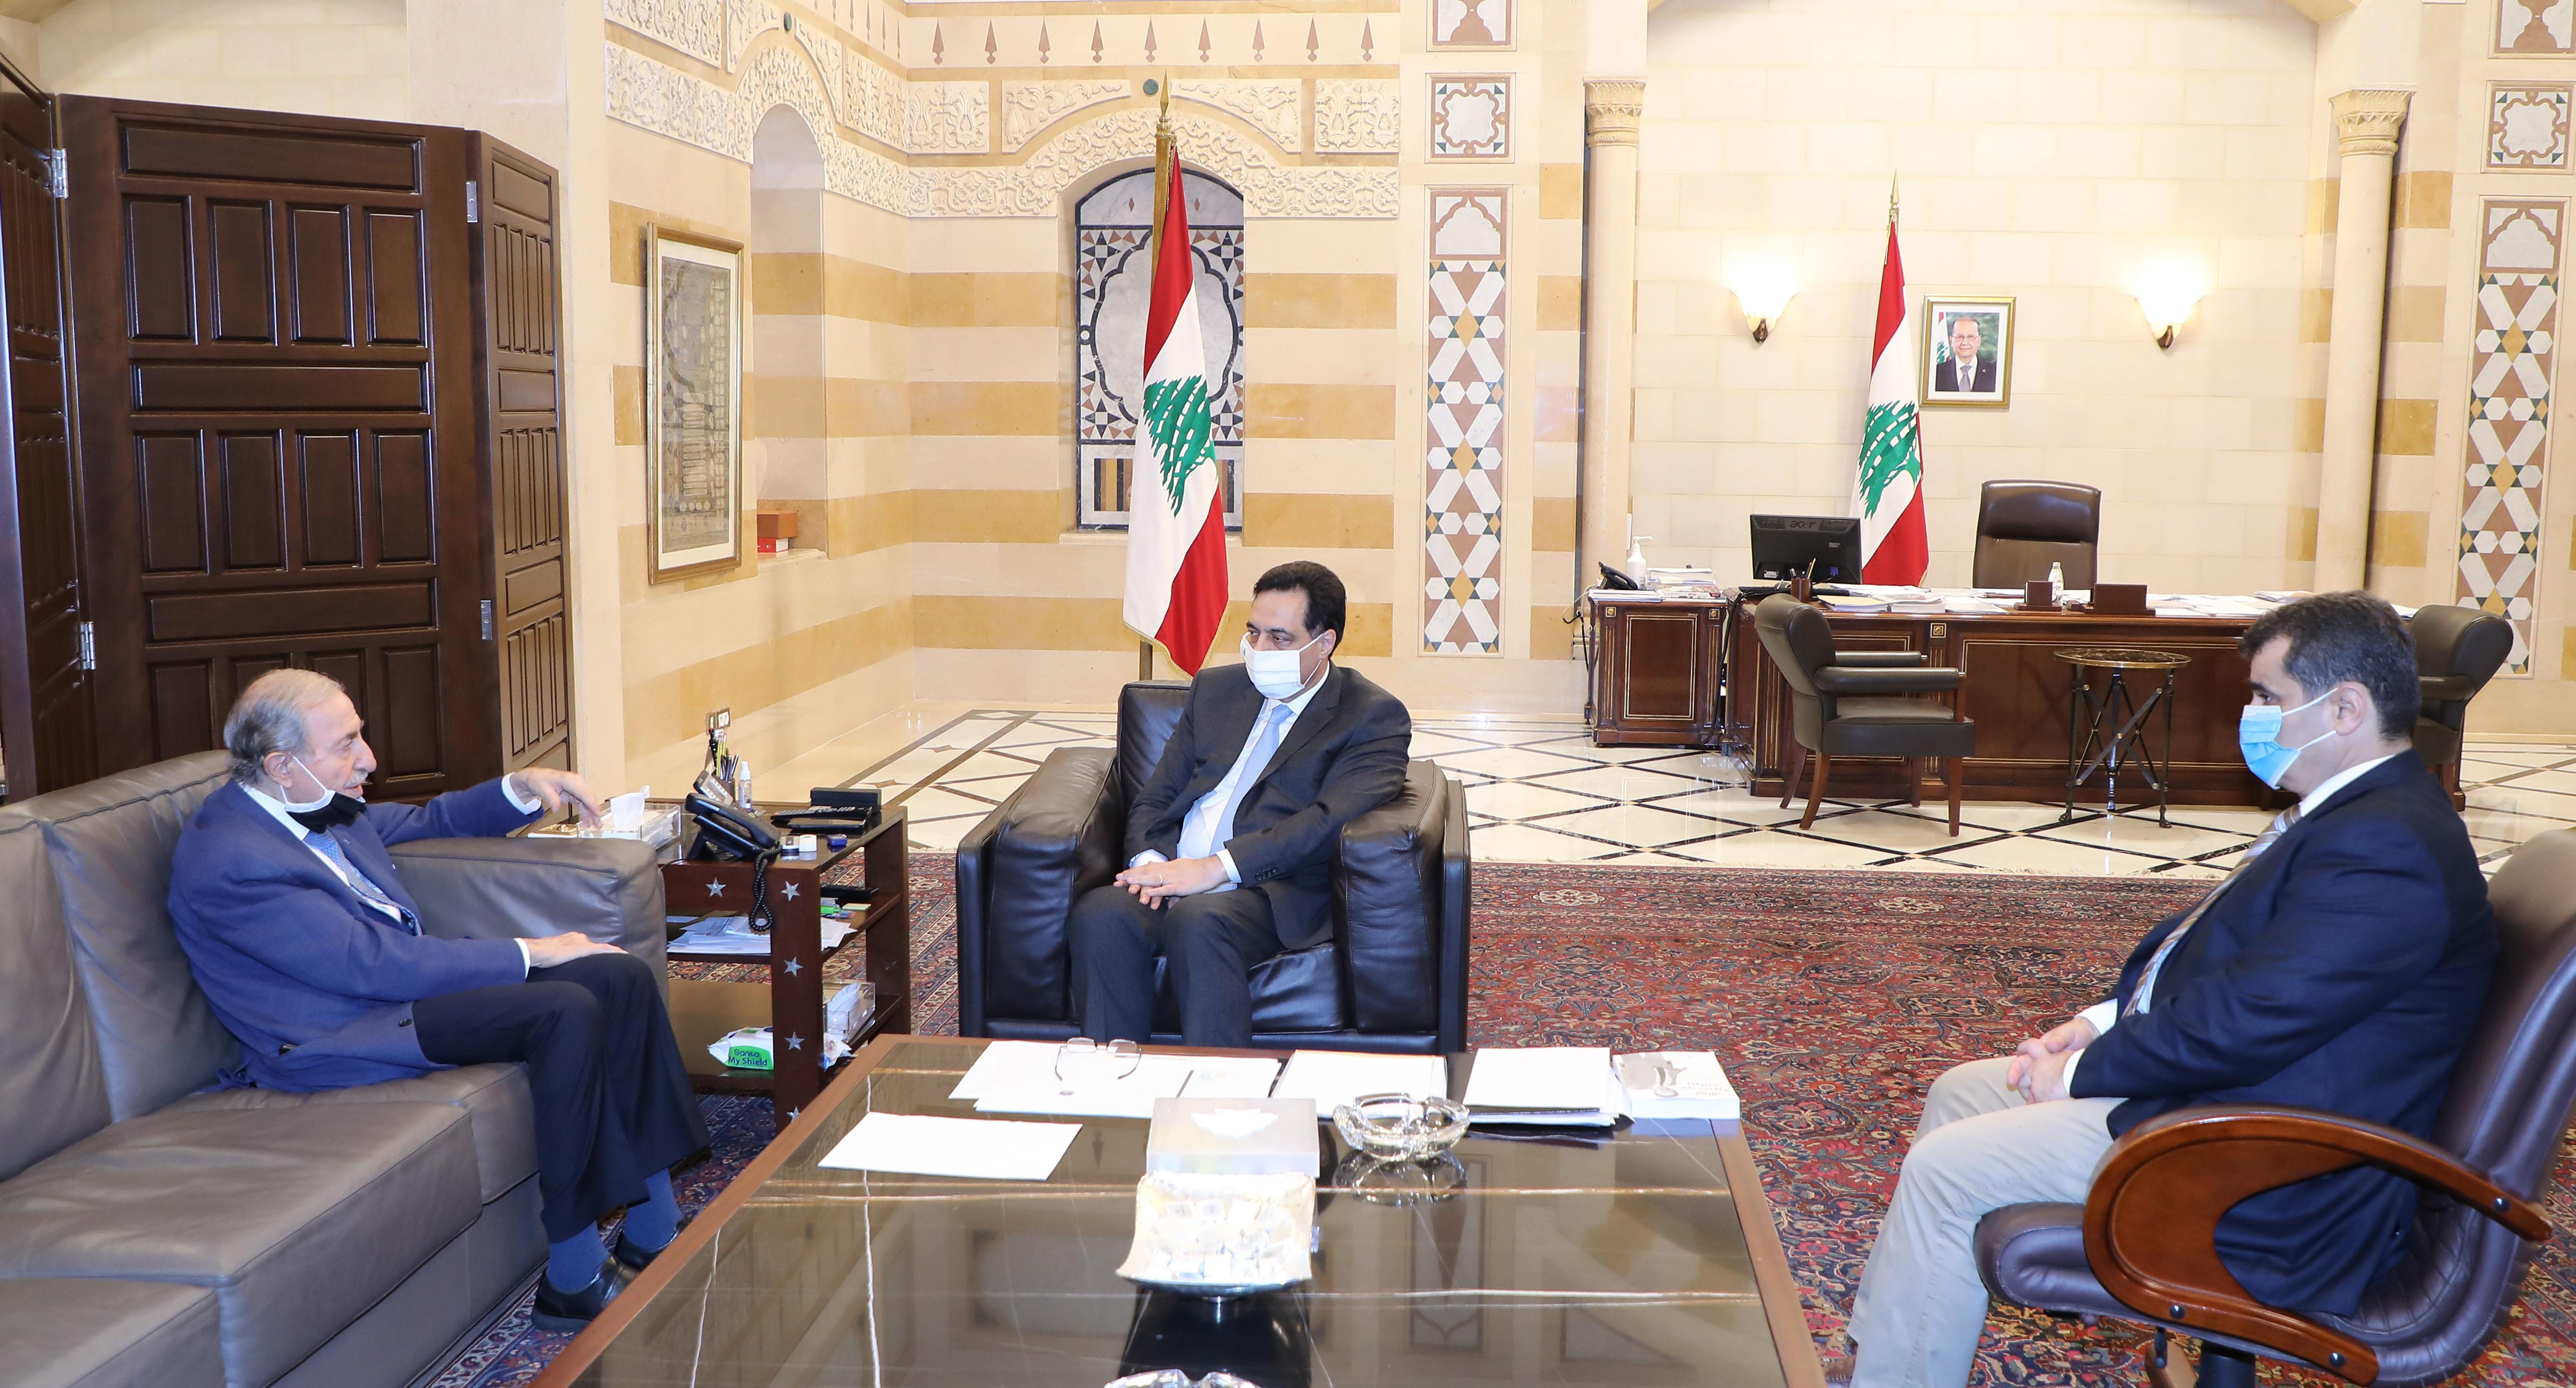 Pr Minister Hassan Diab meets MP Anwar el Khalil